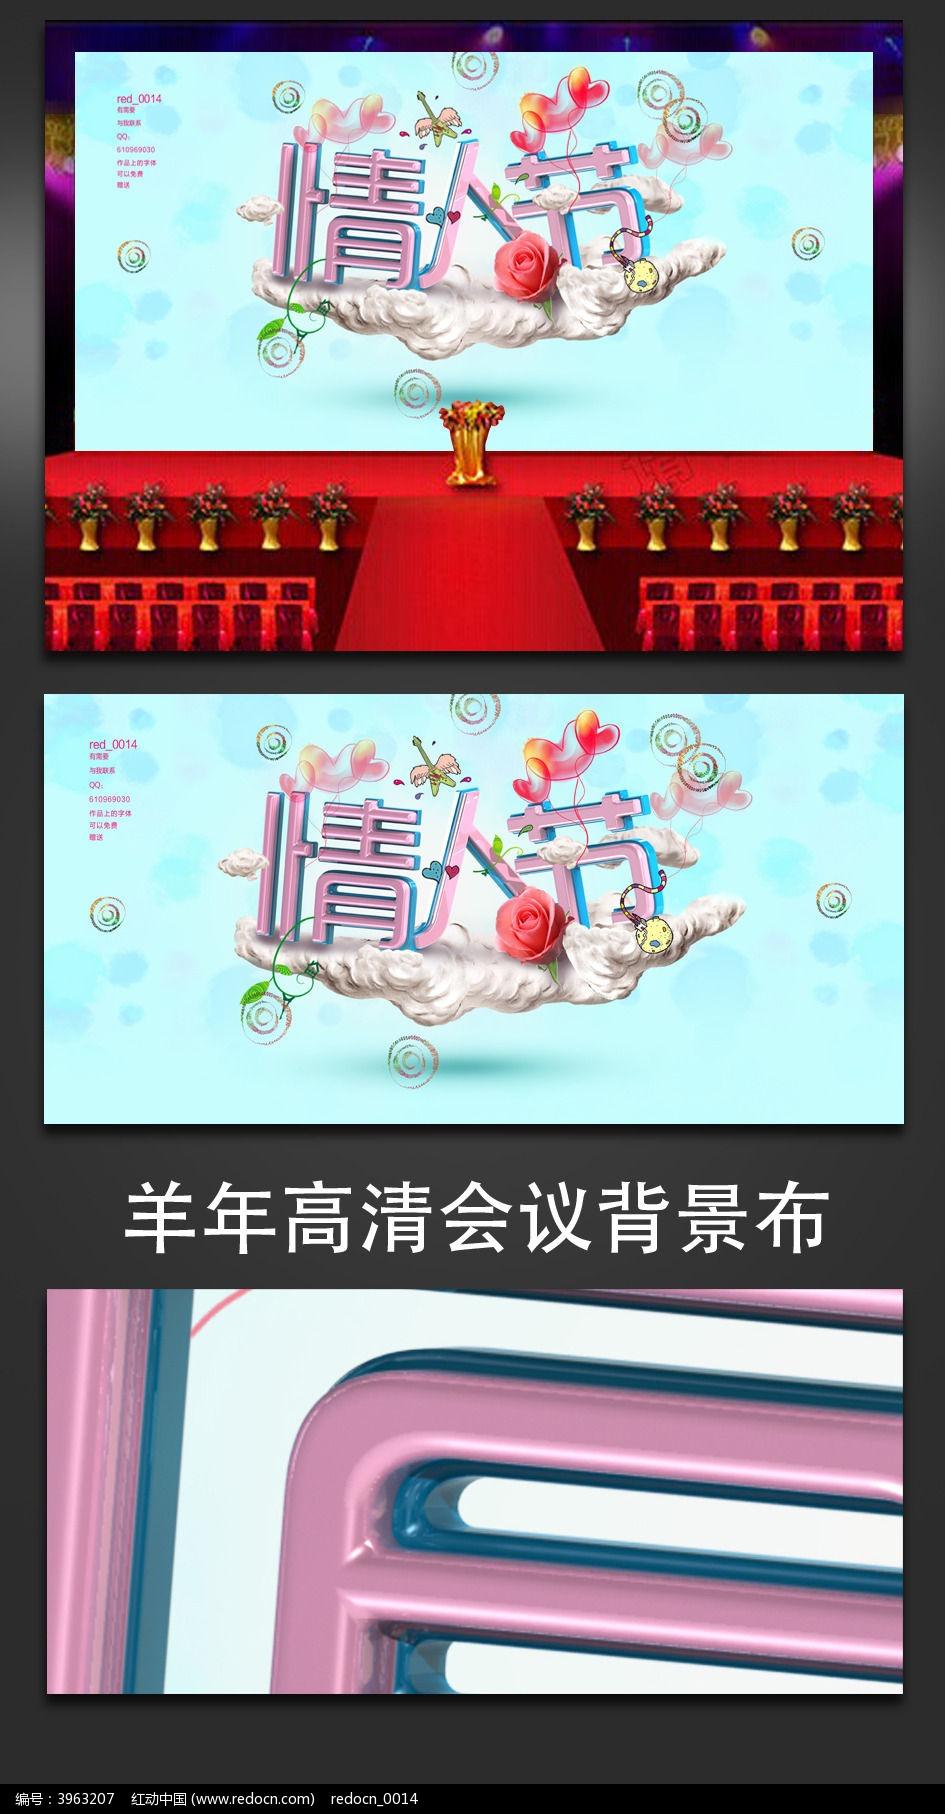 蓝色情人节主题海报素材图片